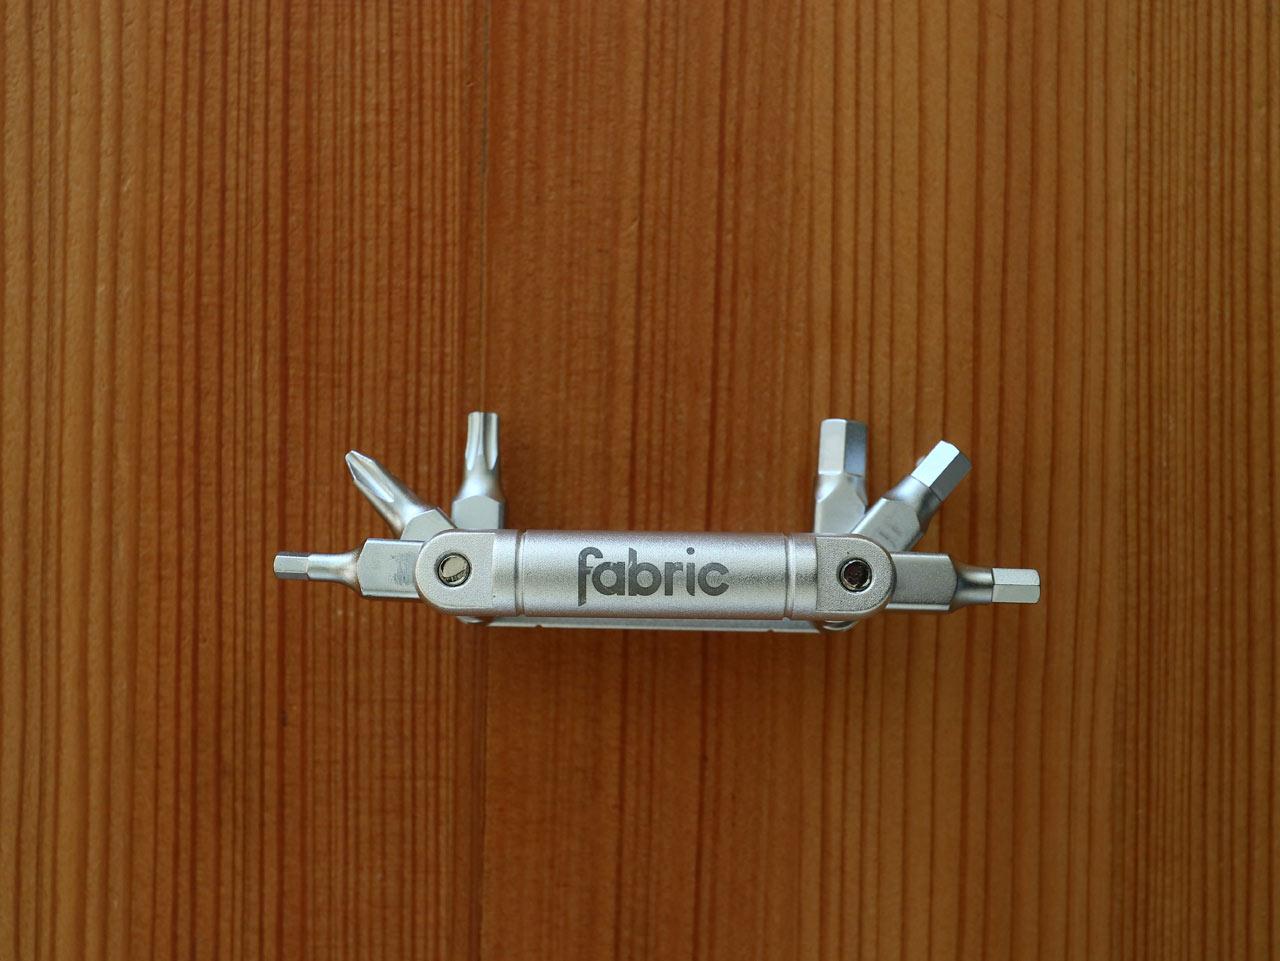 Přehled multiklíčů Fabric